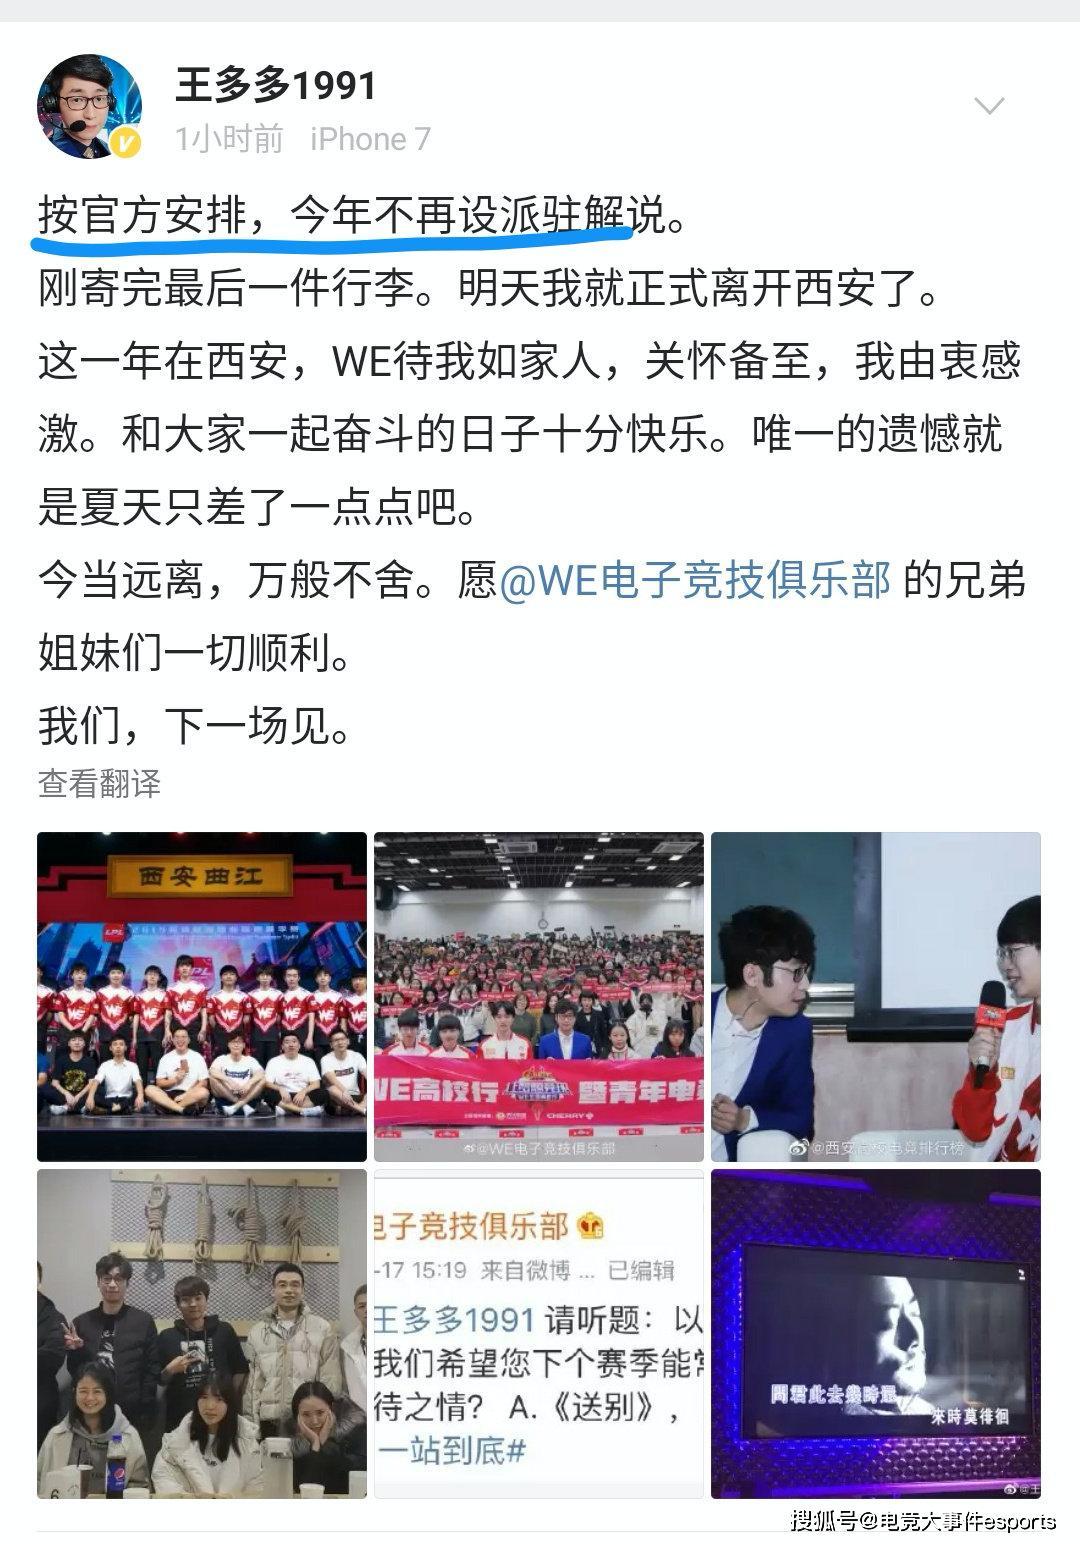 LOL解說王多多發文告別西安:新賽季官方將不再安排駐場解說了_主場